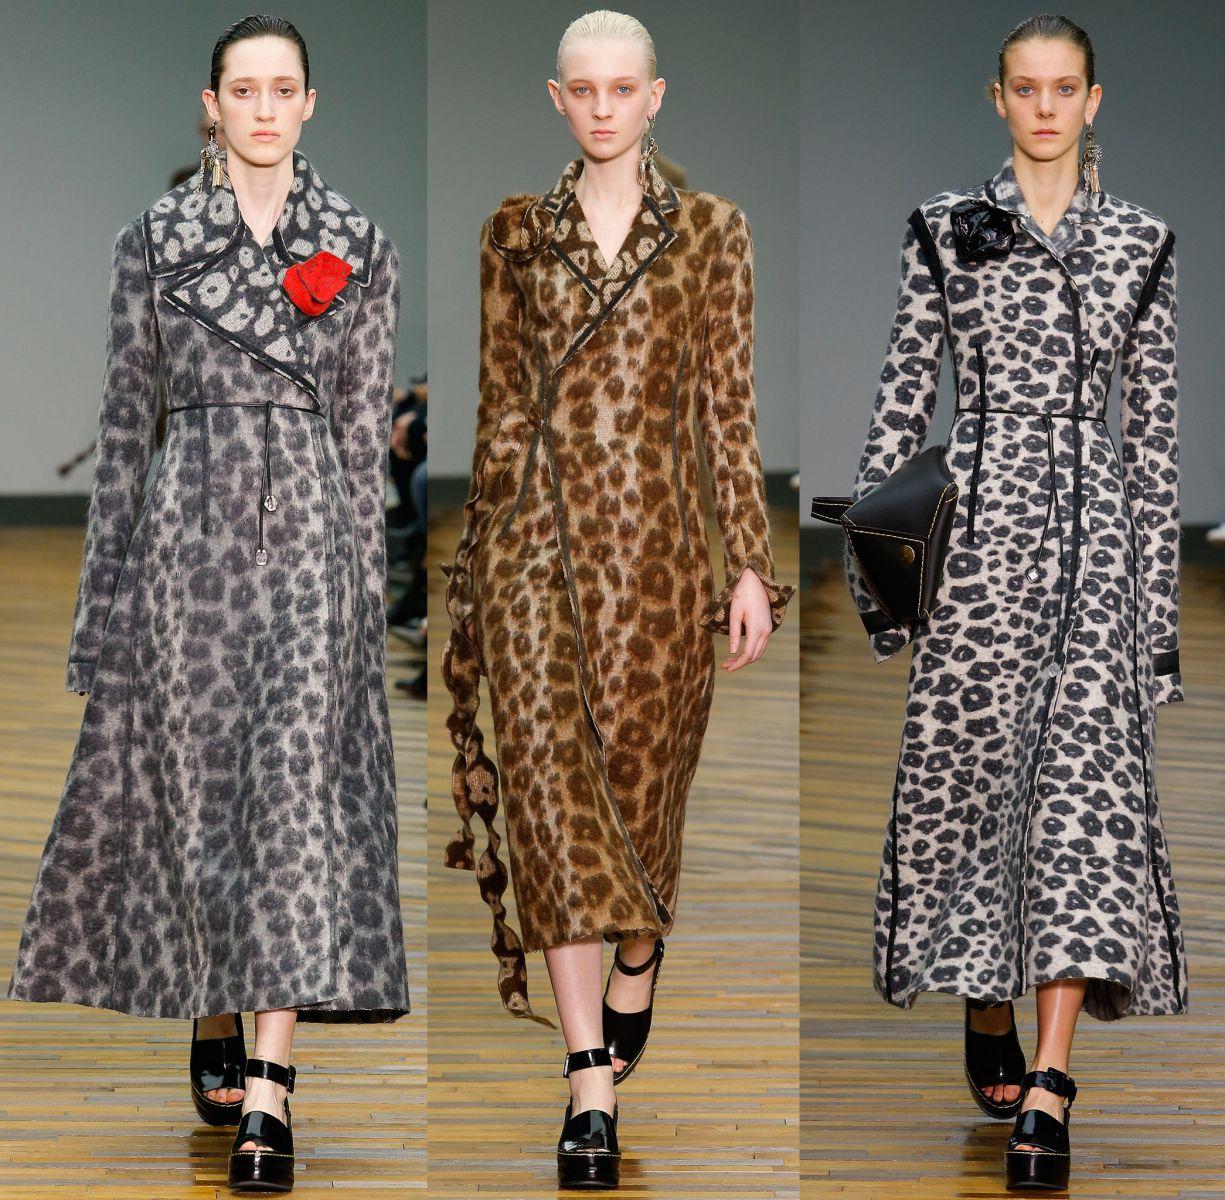 Как носить леопардовый принт этой осенью - фото №2